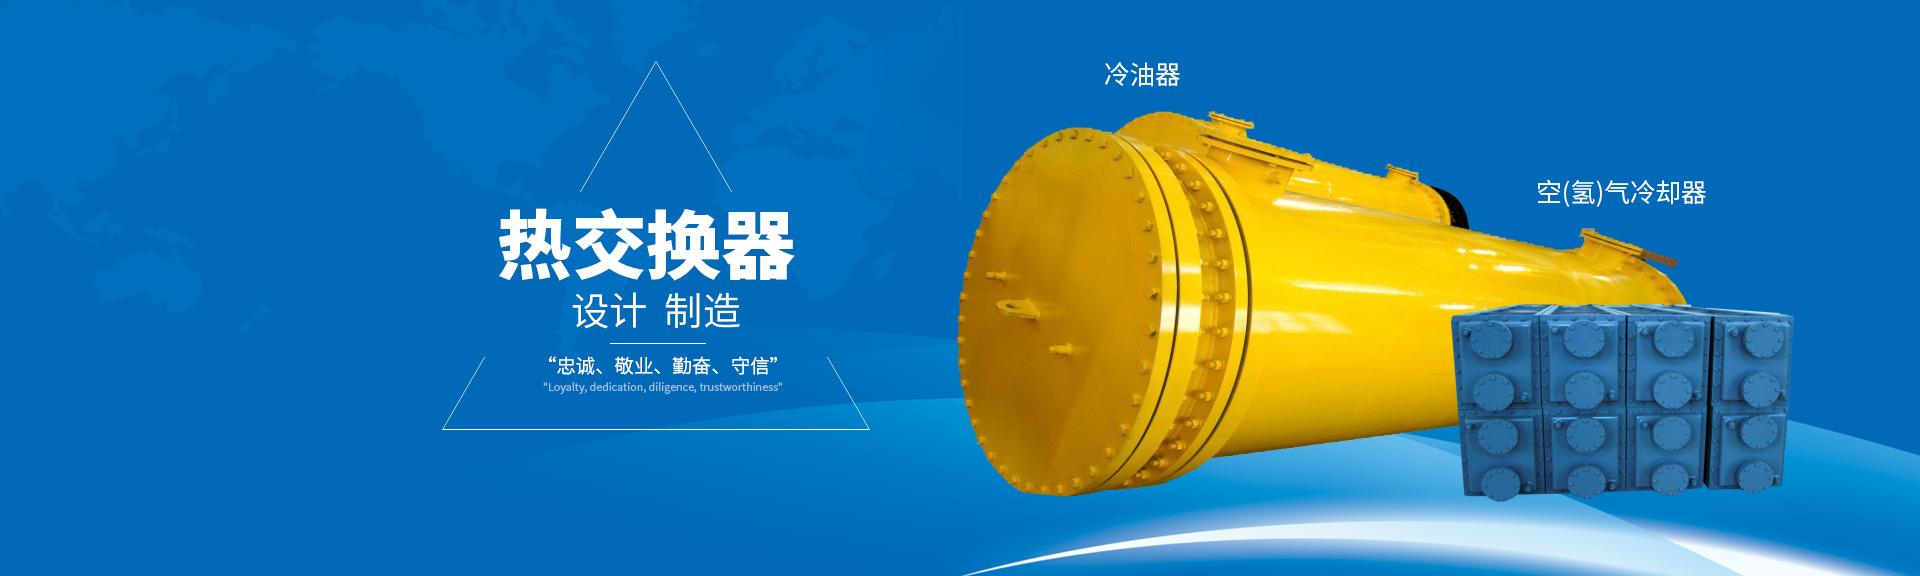 黃石聚達電力設備有限公司